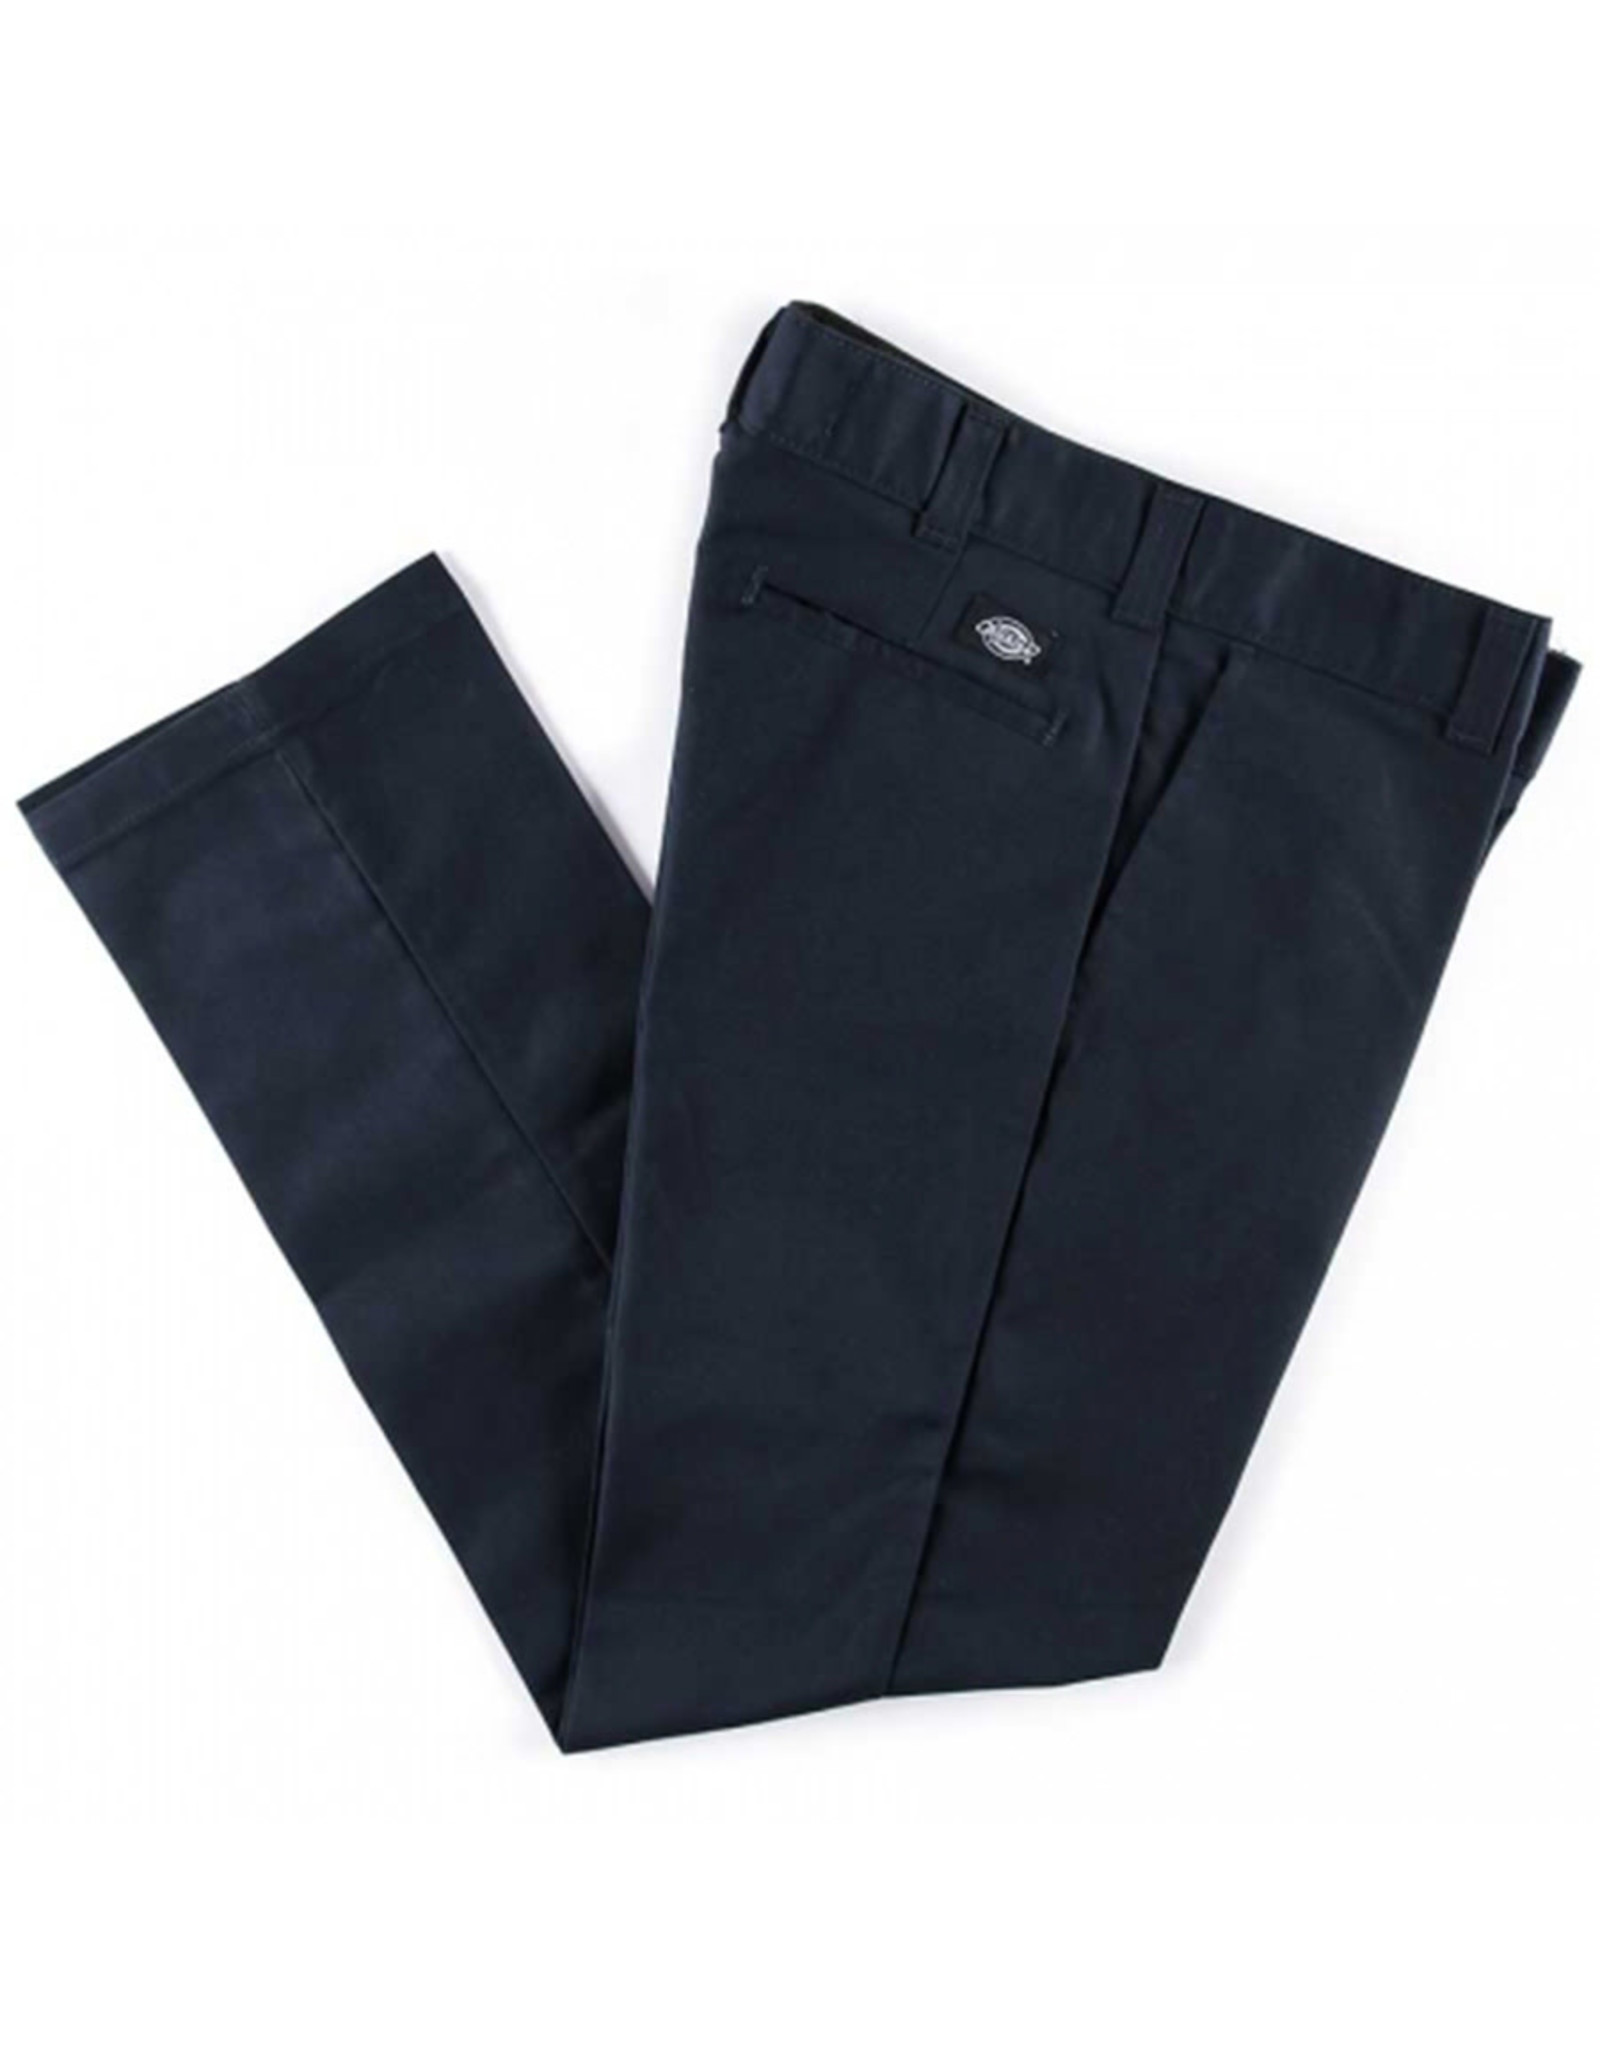 Dickies Dickies Pants 894 Slim Chino (Dark Navy)